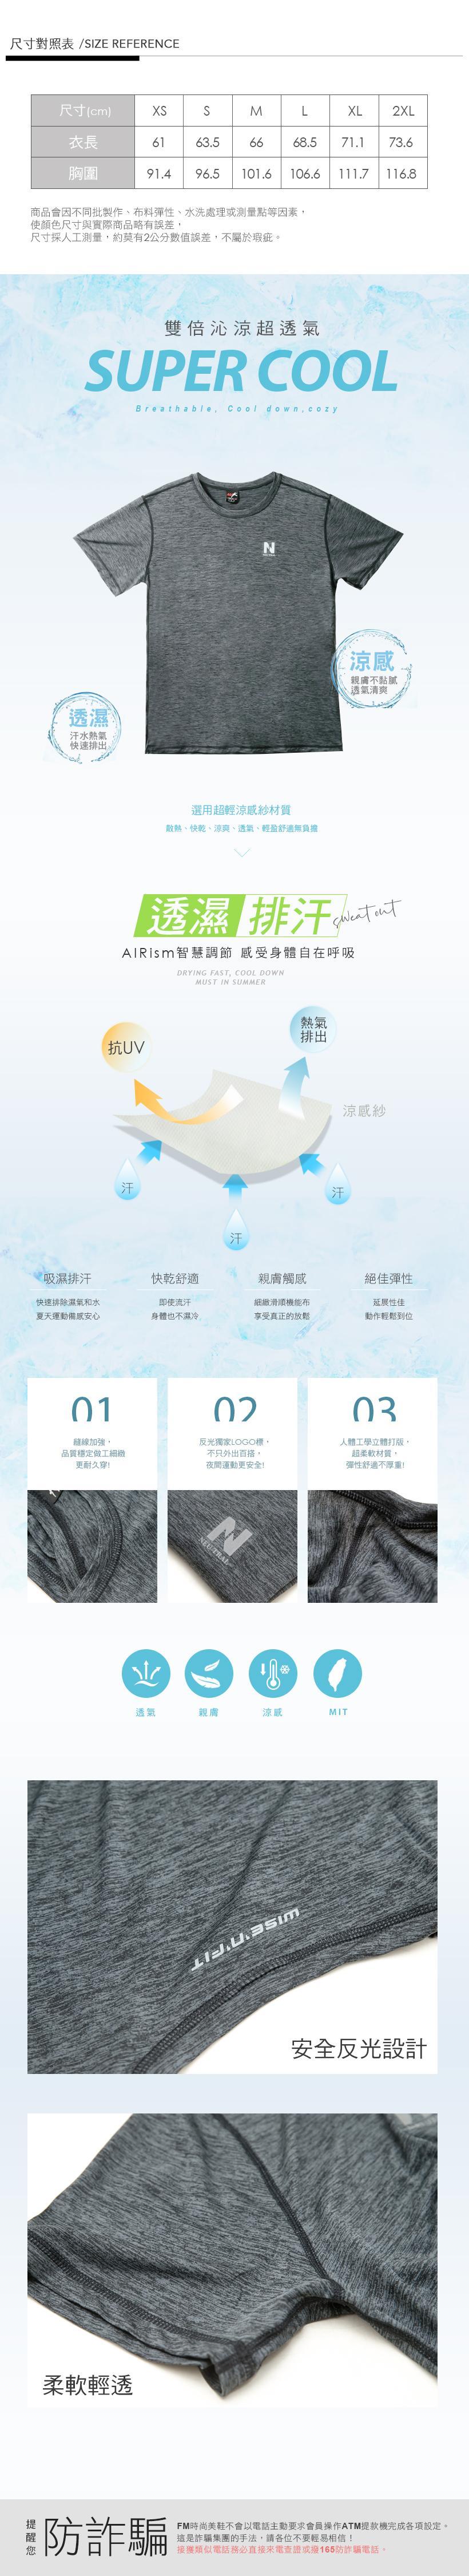 NeuTral-輕量透氣涼感衣